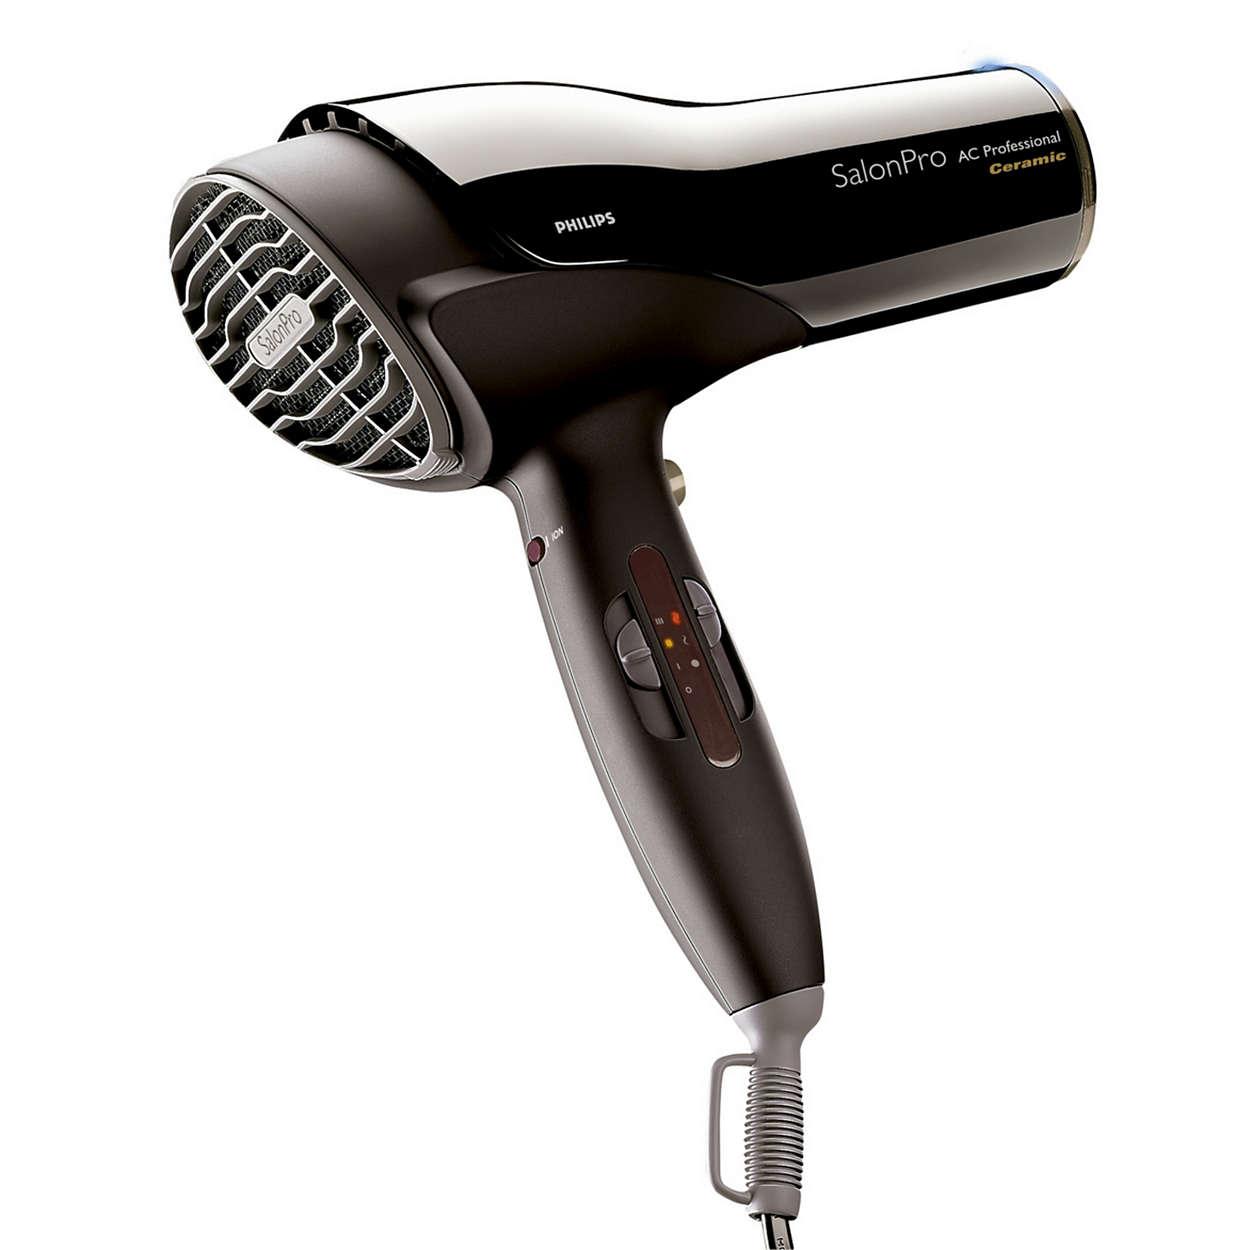 Salonpro ac secador de pelo hp4892 00 philips - Secador de pelo ...